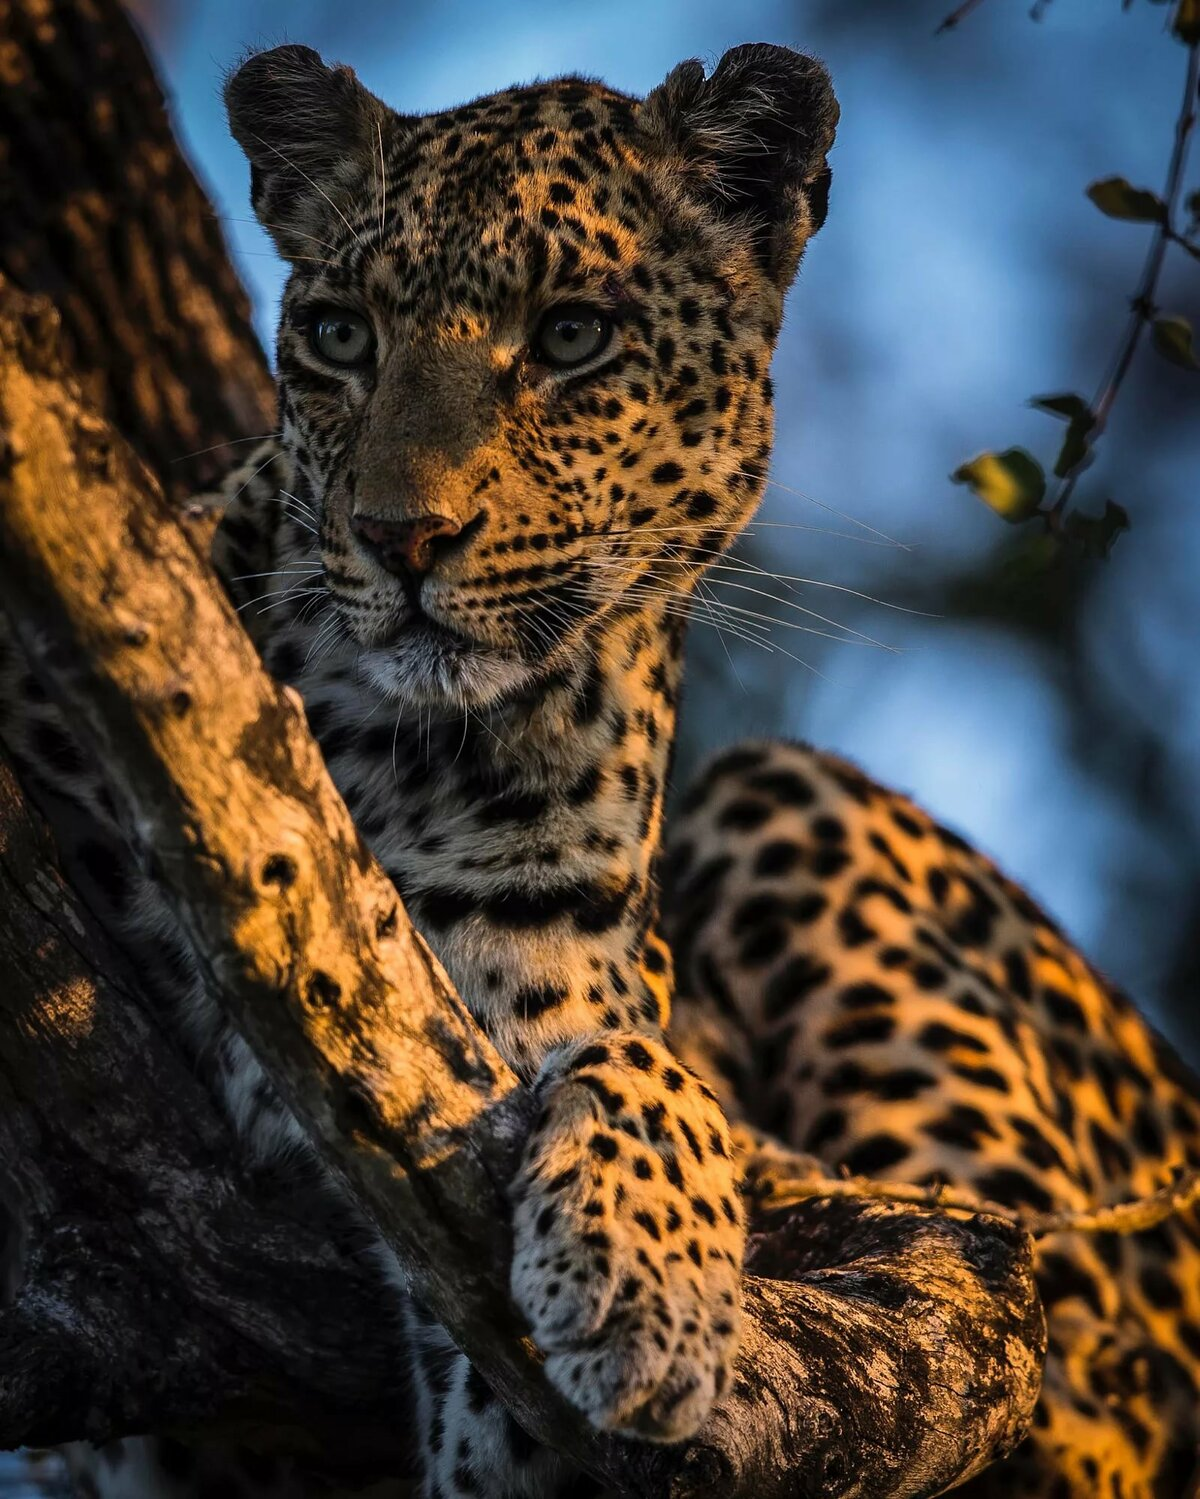 лучшее фото леопарда многие европейцы